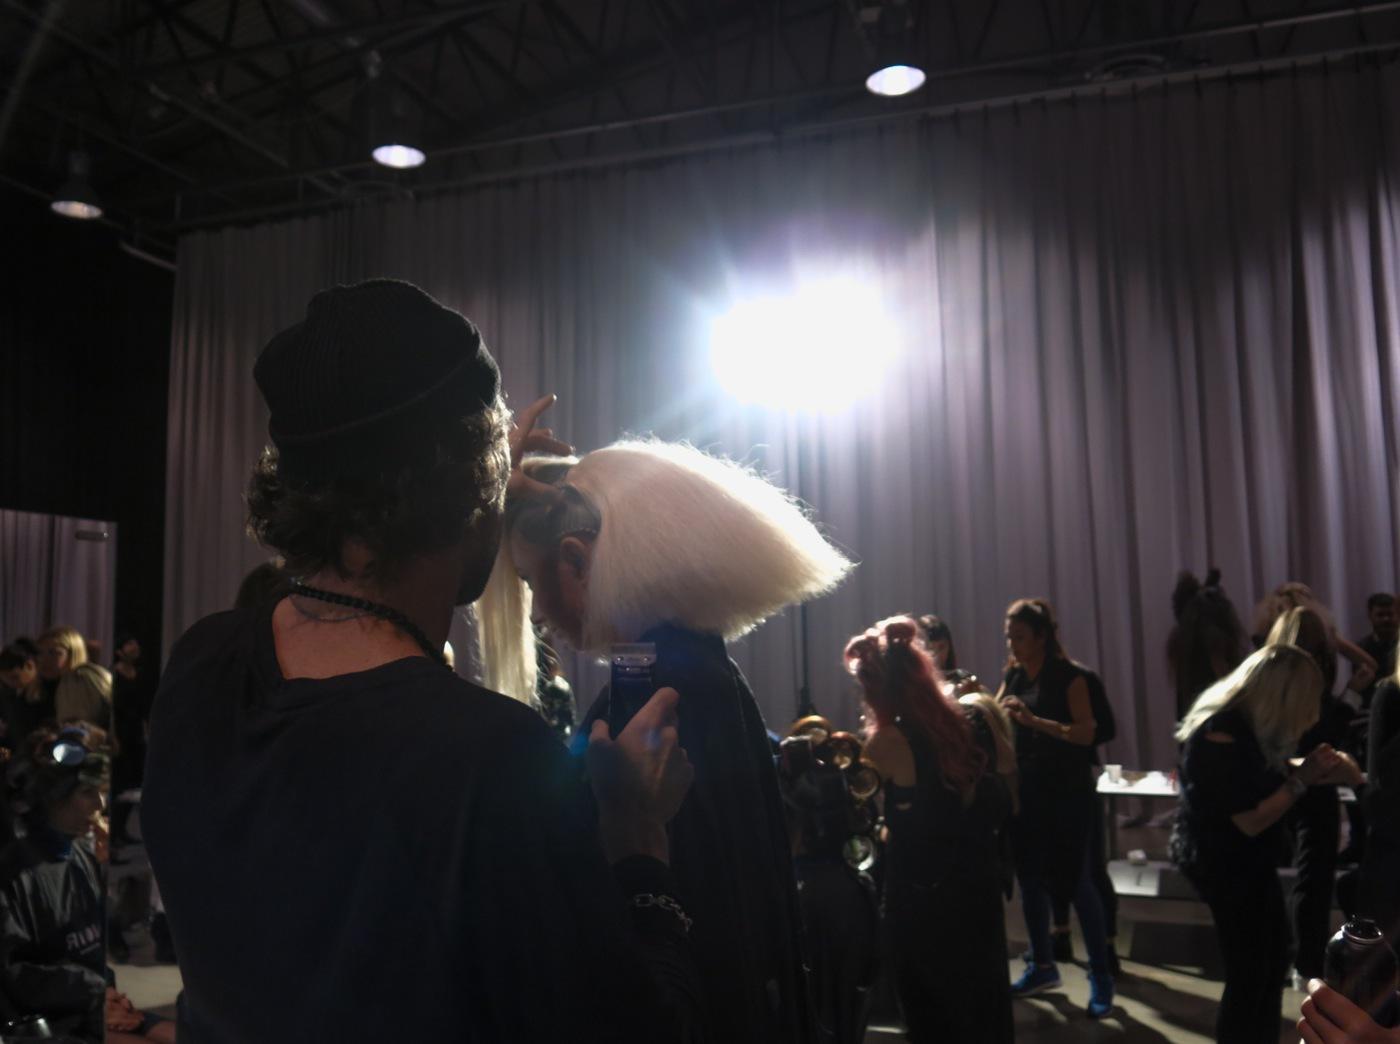 Dart Wader och Starwasfebebern är redan igång. Hasse Nilsson på Noir lägger sista handen vid frisyren innan showen börjar.